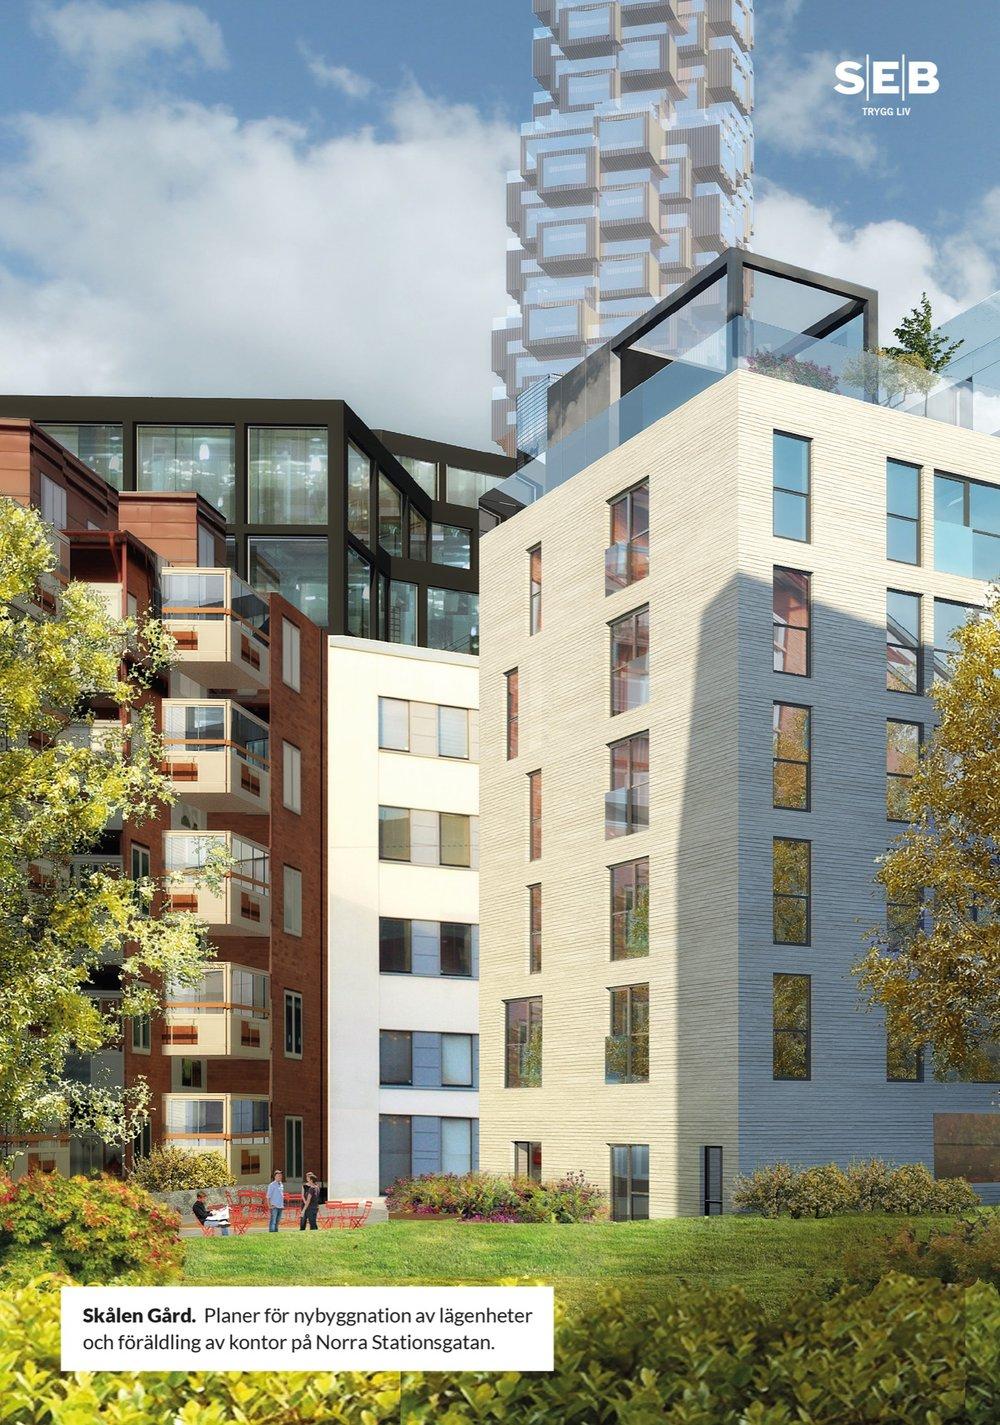 Skålen Gård. Planer för nybyggnation av lägenheter och föräldling av kontor på Norra Stationsgatan. SEB Tryggliv